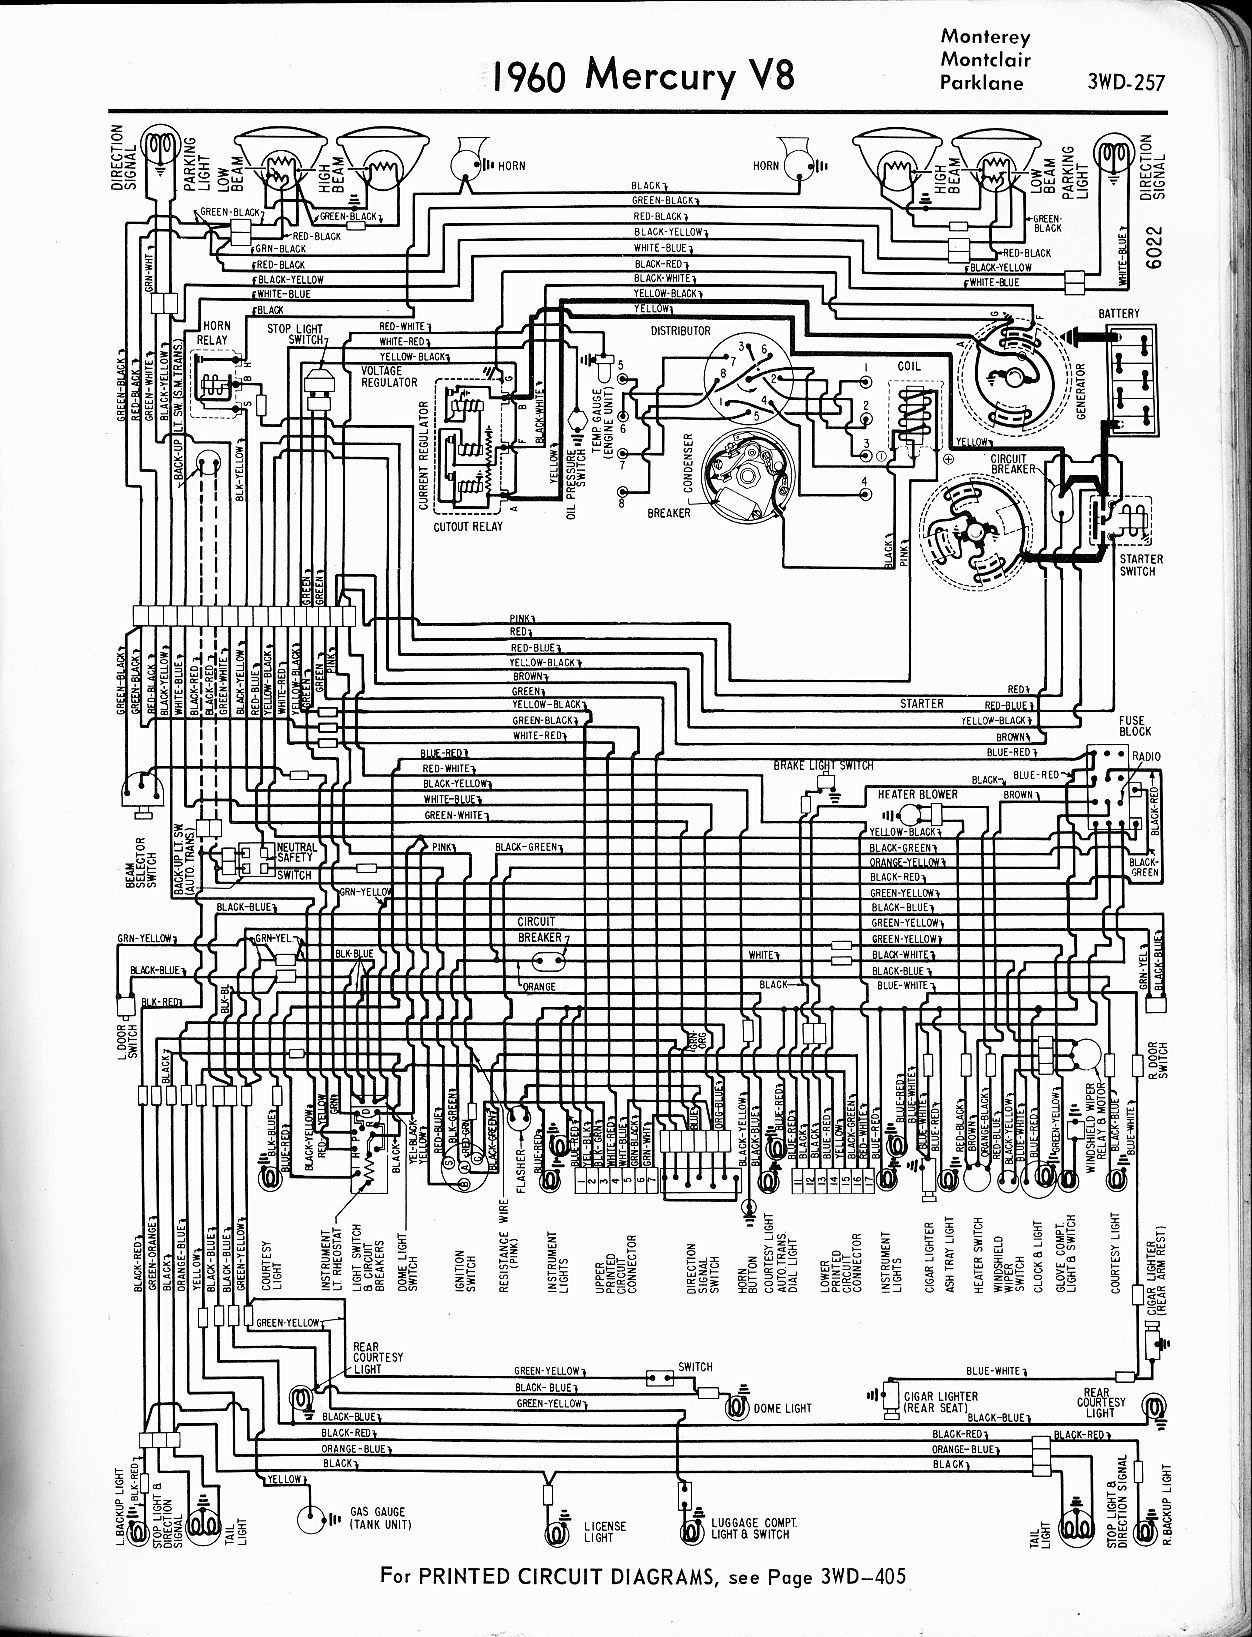 [SCHEMATICS_43NM]  OW_6579] 66 Mercury Monterey Wiring Diagram Free Diagram   1966 Mercury Cyclone Wiring Diagrams      Lectr Hone Venet Loida Kicep Mohammedshrine Librar Wiring 101